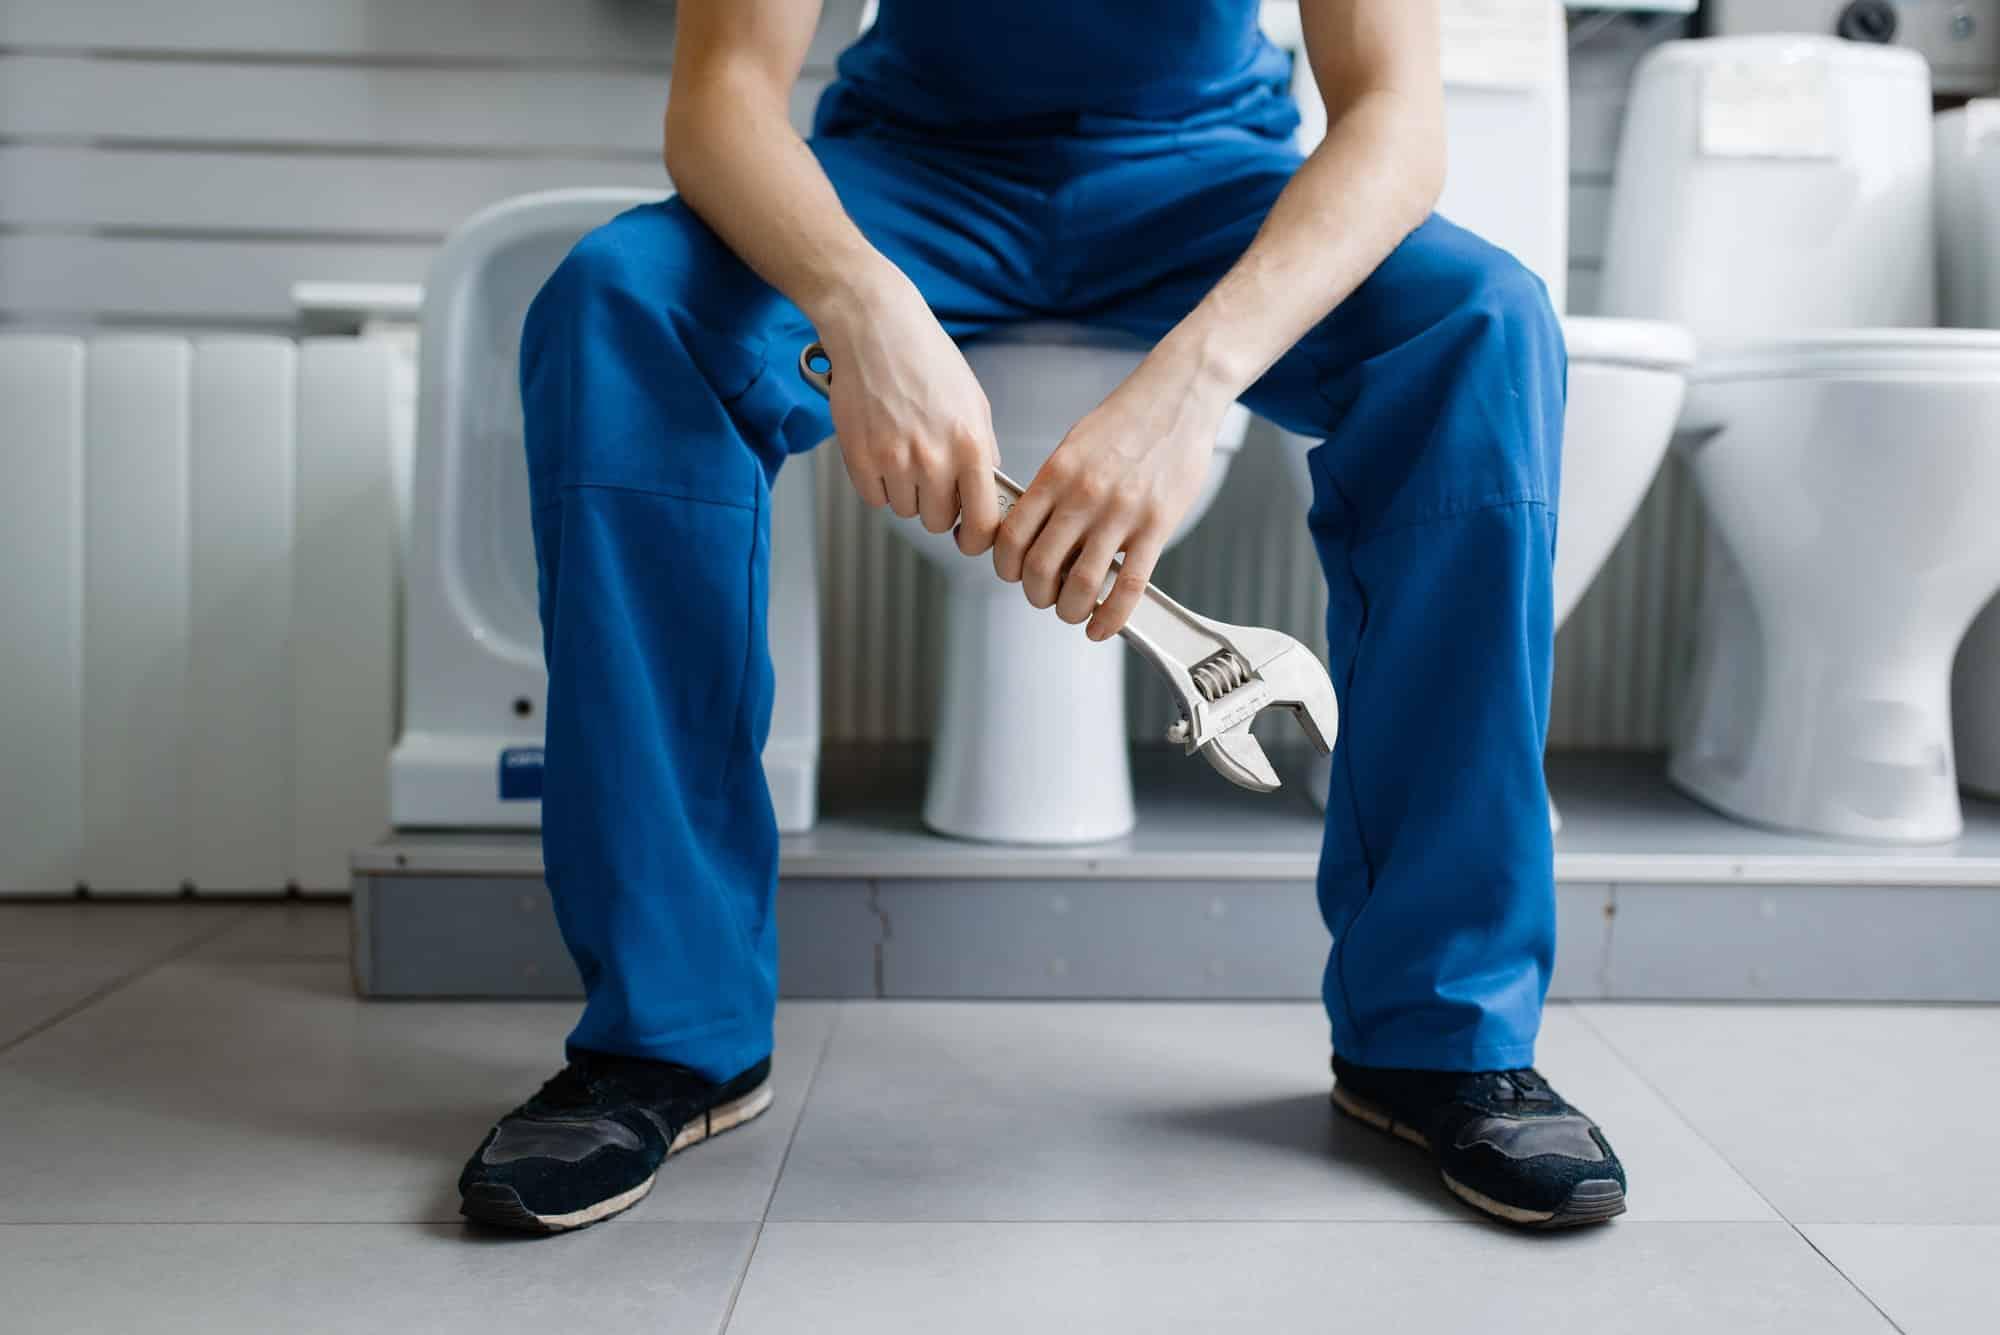 Plumber in uniform sitting on toilet in plumbering